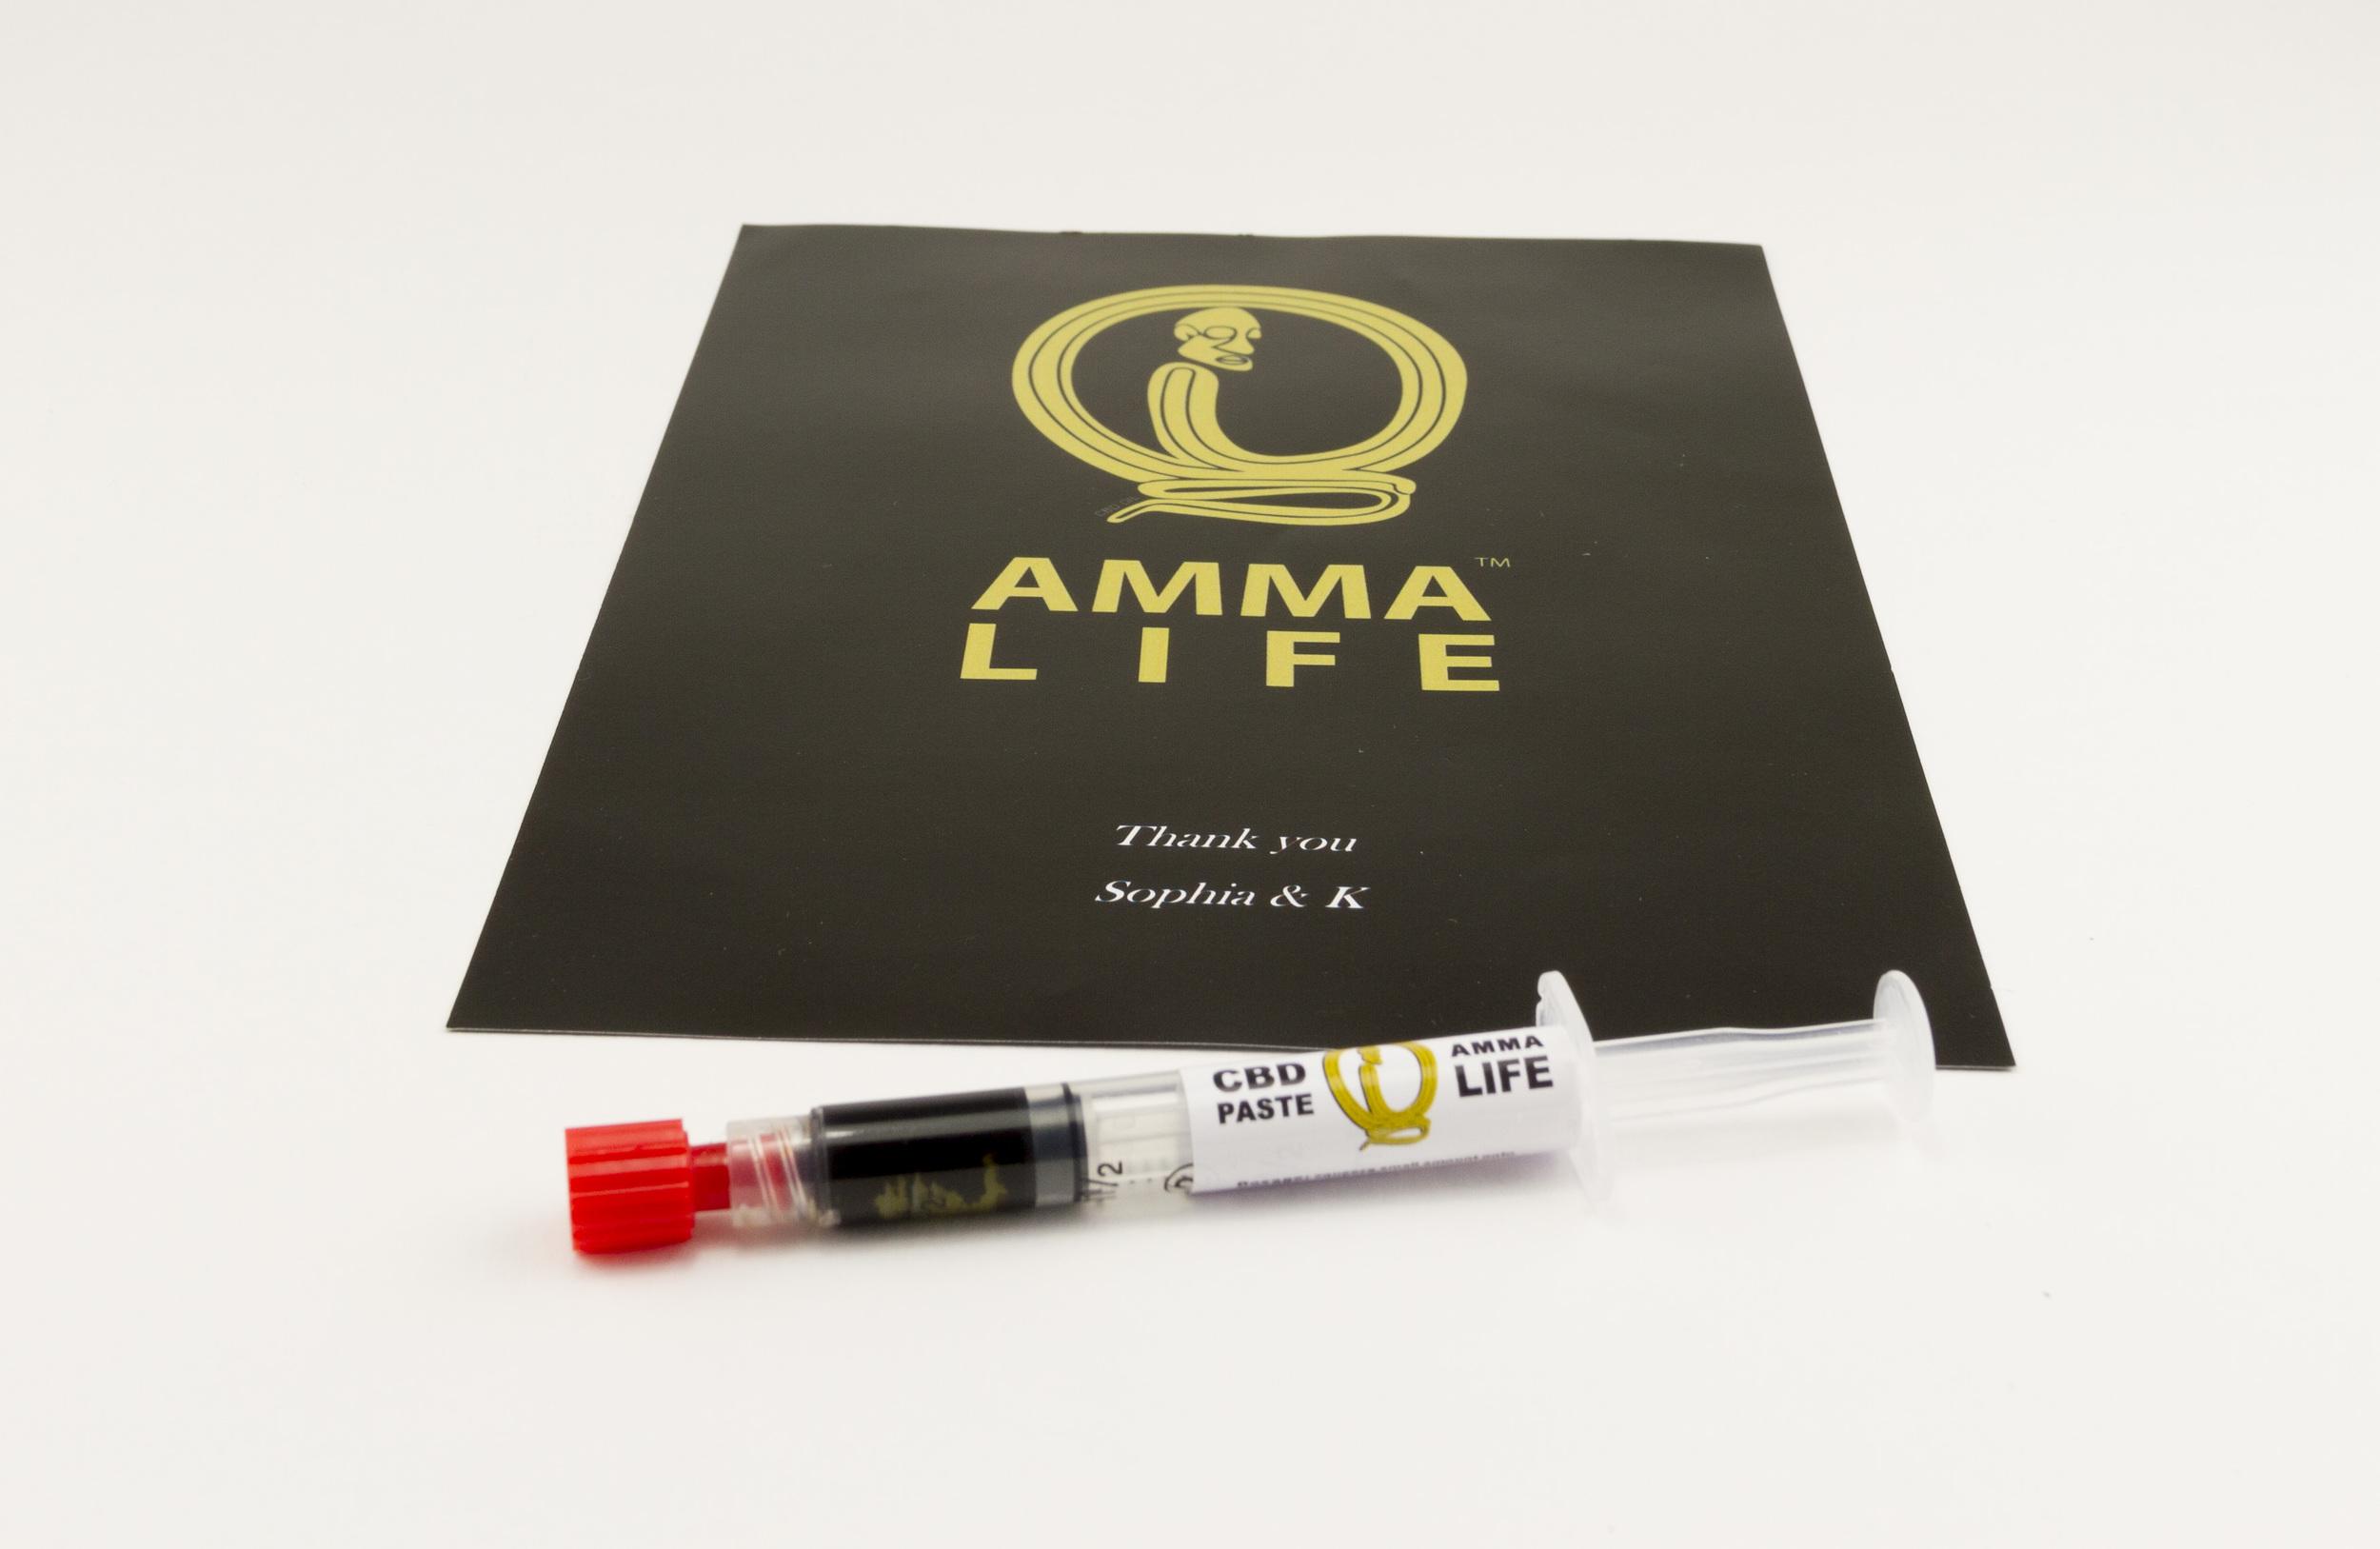 Amma Life Discount Codes: